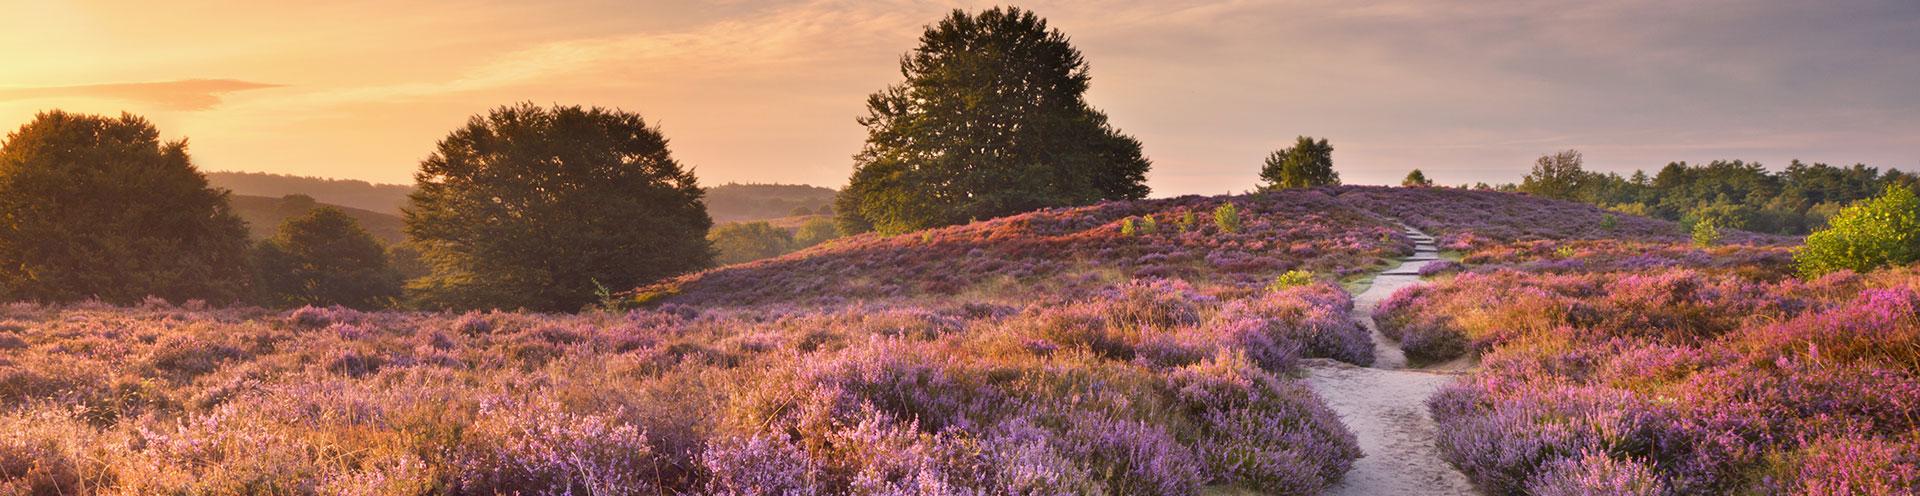 Bezoek Het Nationaal Park De Hoge Veluwe - Goedverblijf.nl blog